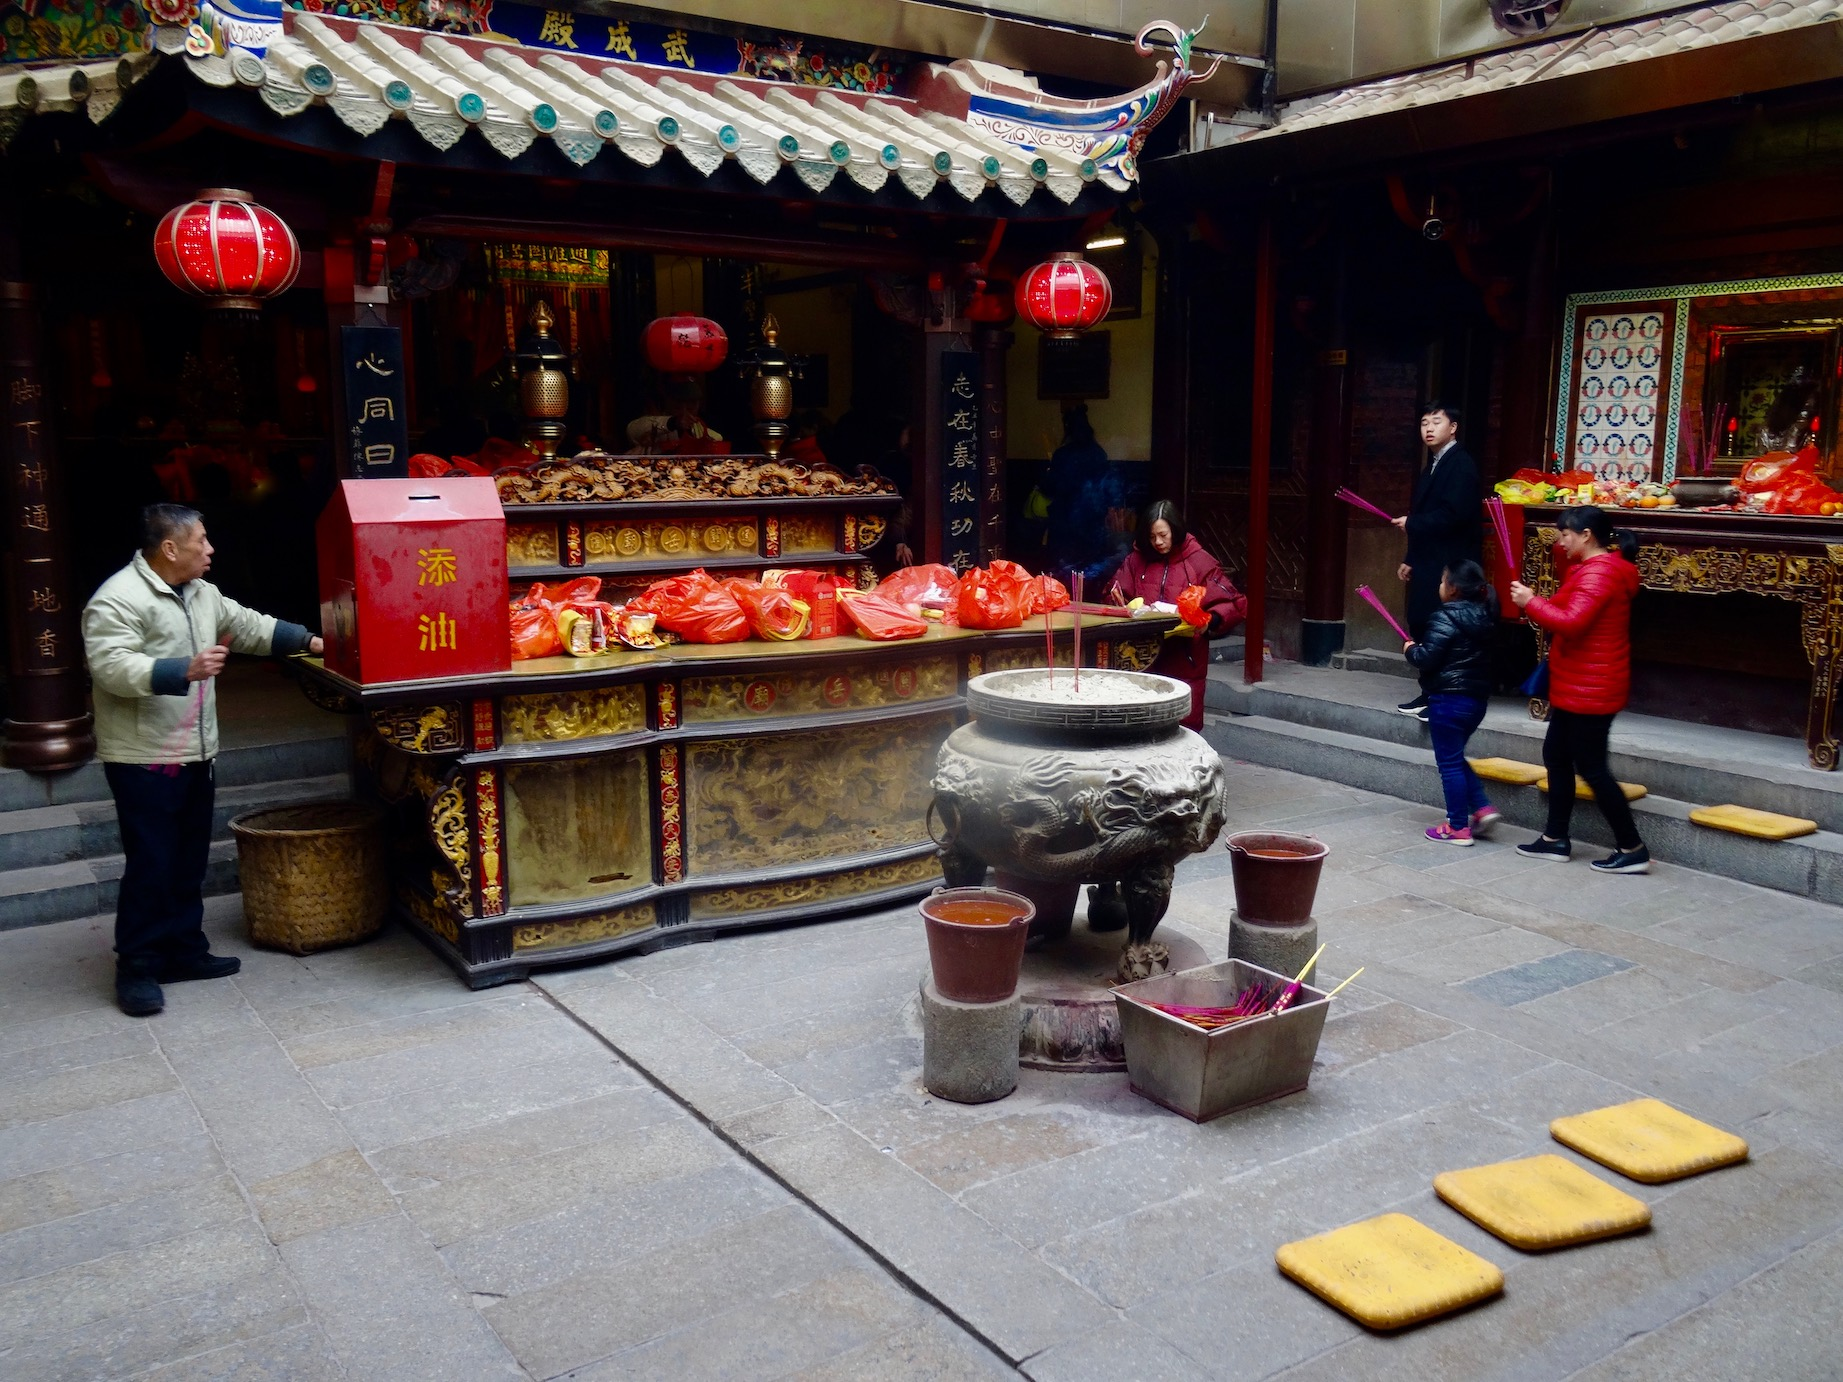 Inside Guandi Temple Quanzhou Fujian Province China 5d05e96812ddd